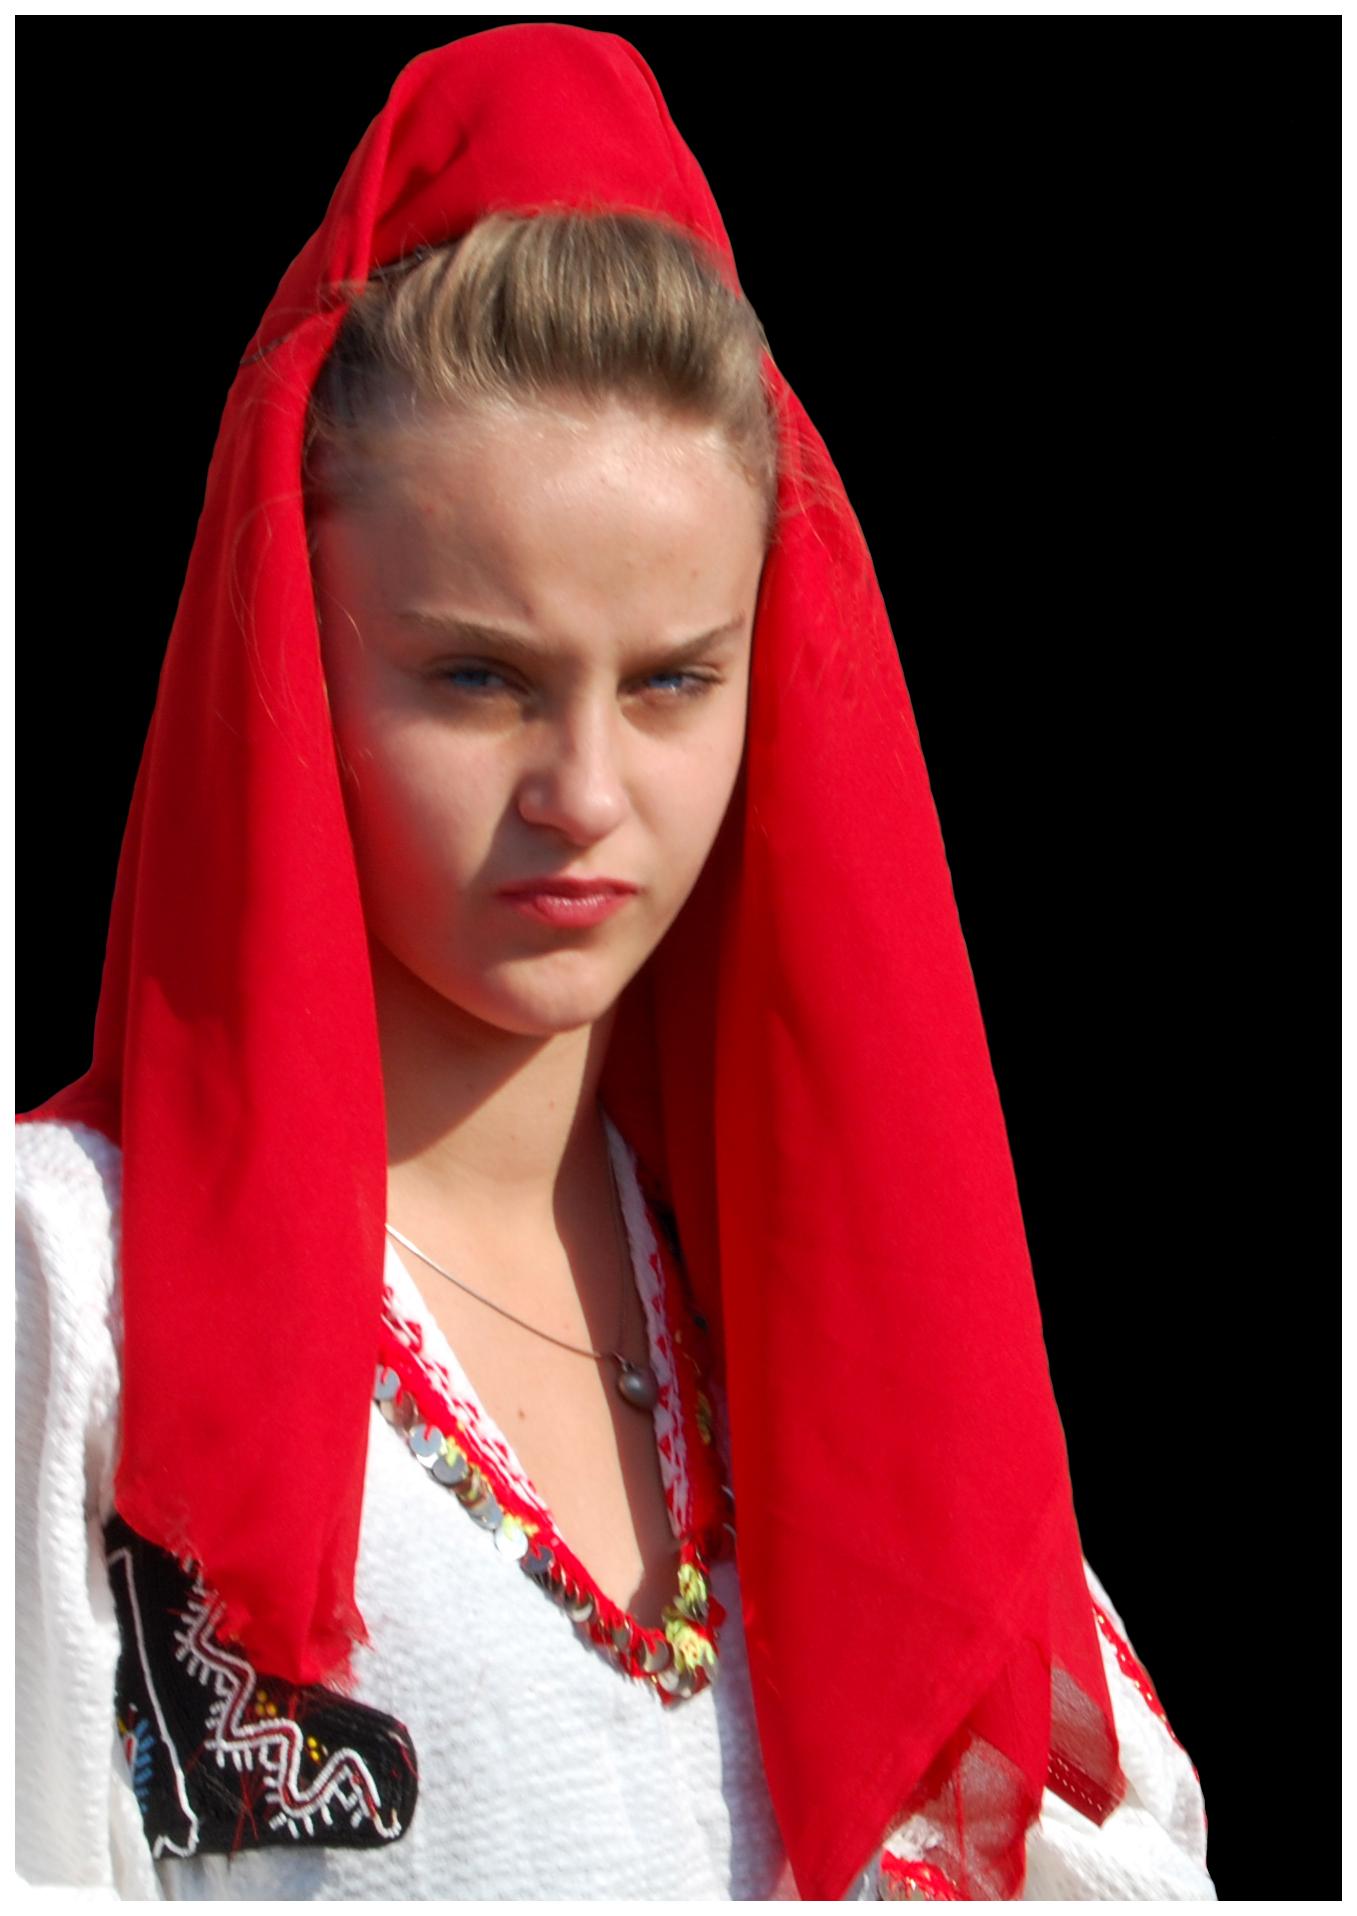 Femme albin de la simone